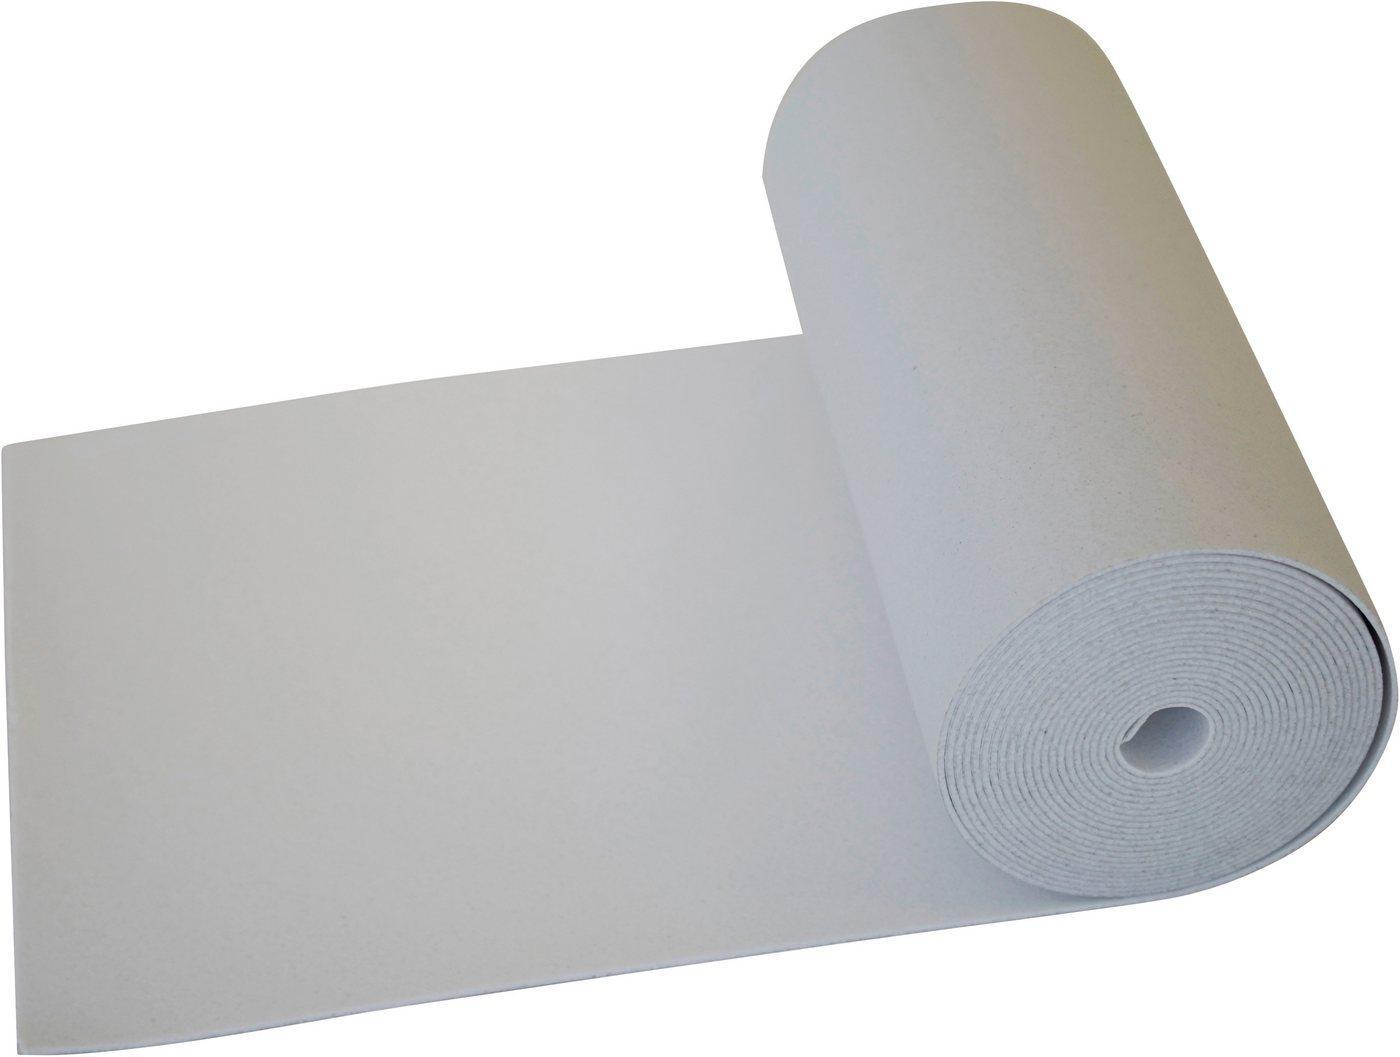 noma Papiertapete »Therm Ready 4mm«, leicht gekörnt, (Set, 5 St), mit Raufaser kaschiert